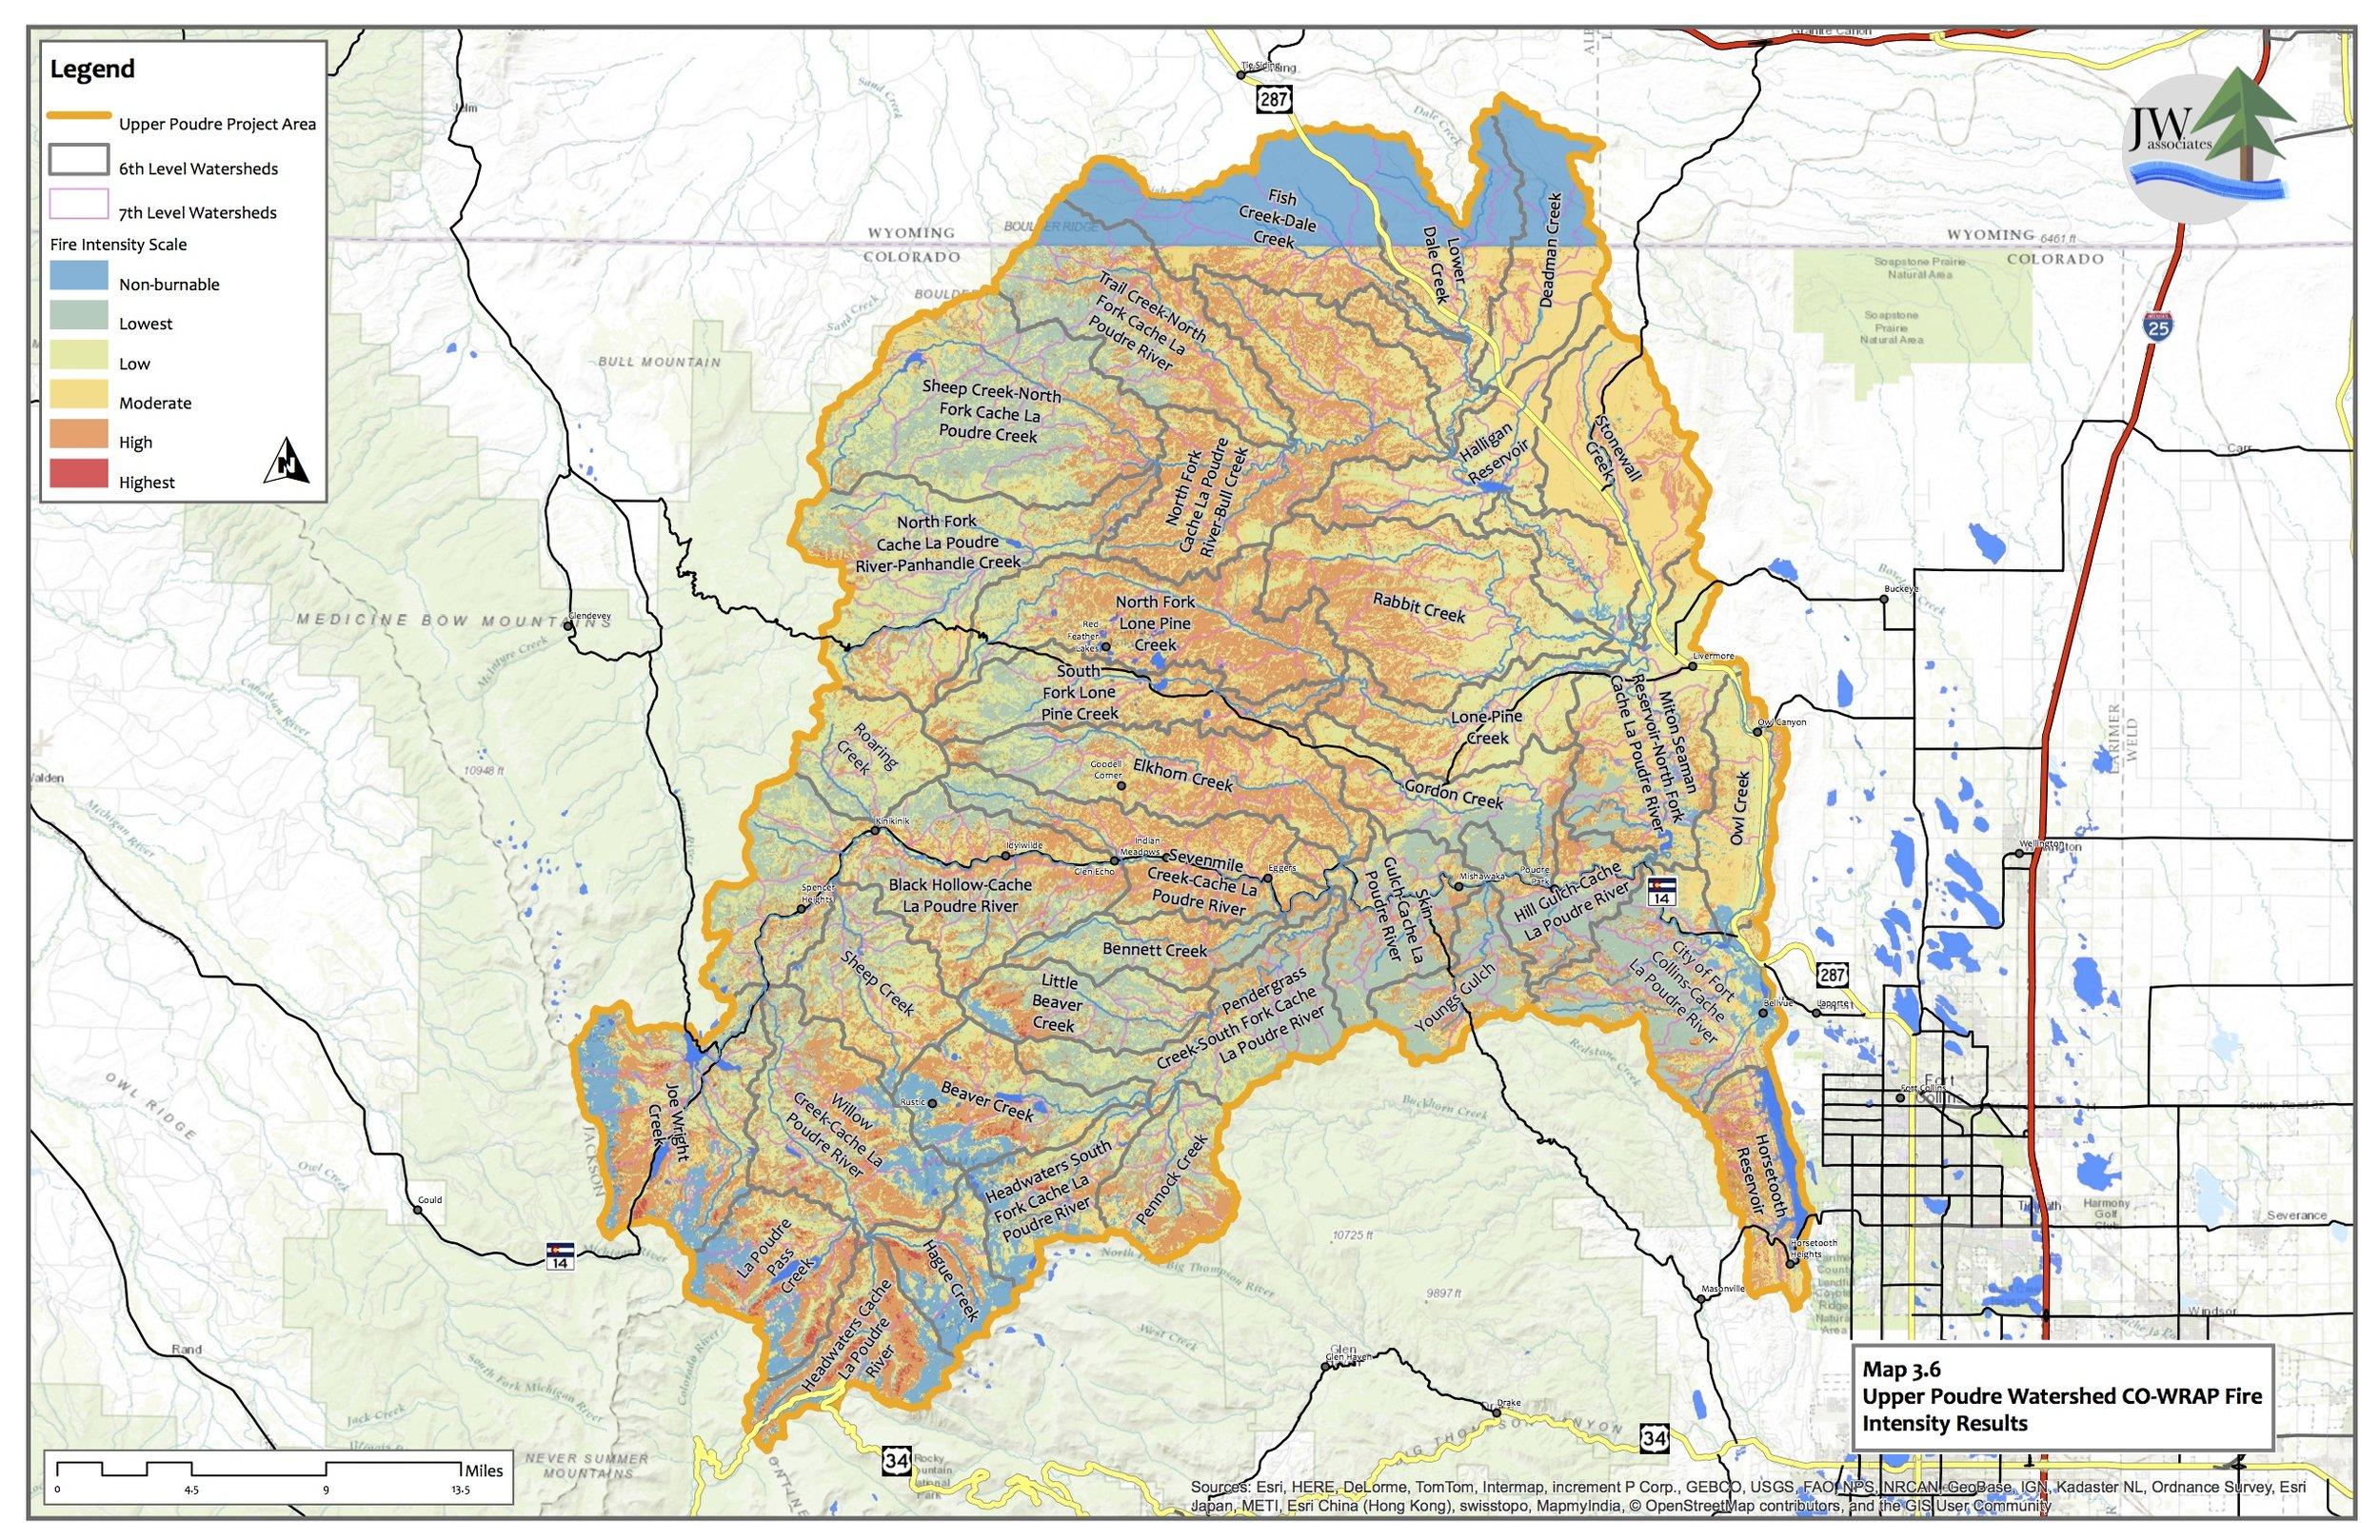 Map 3.6 UP_FireIntensity.jpg